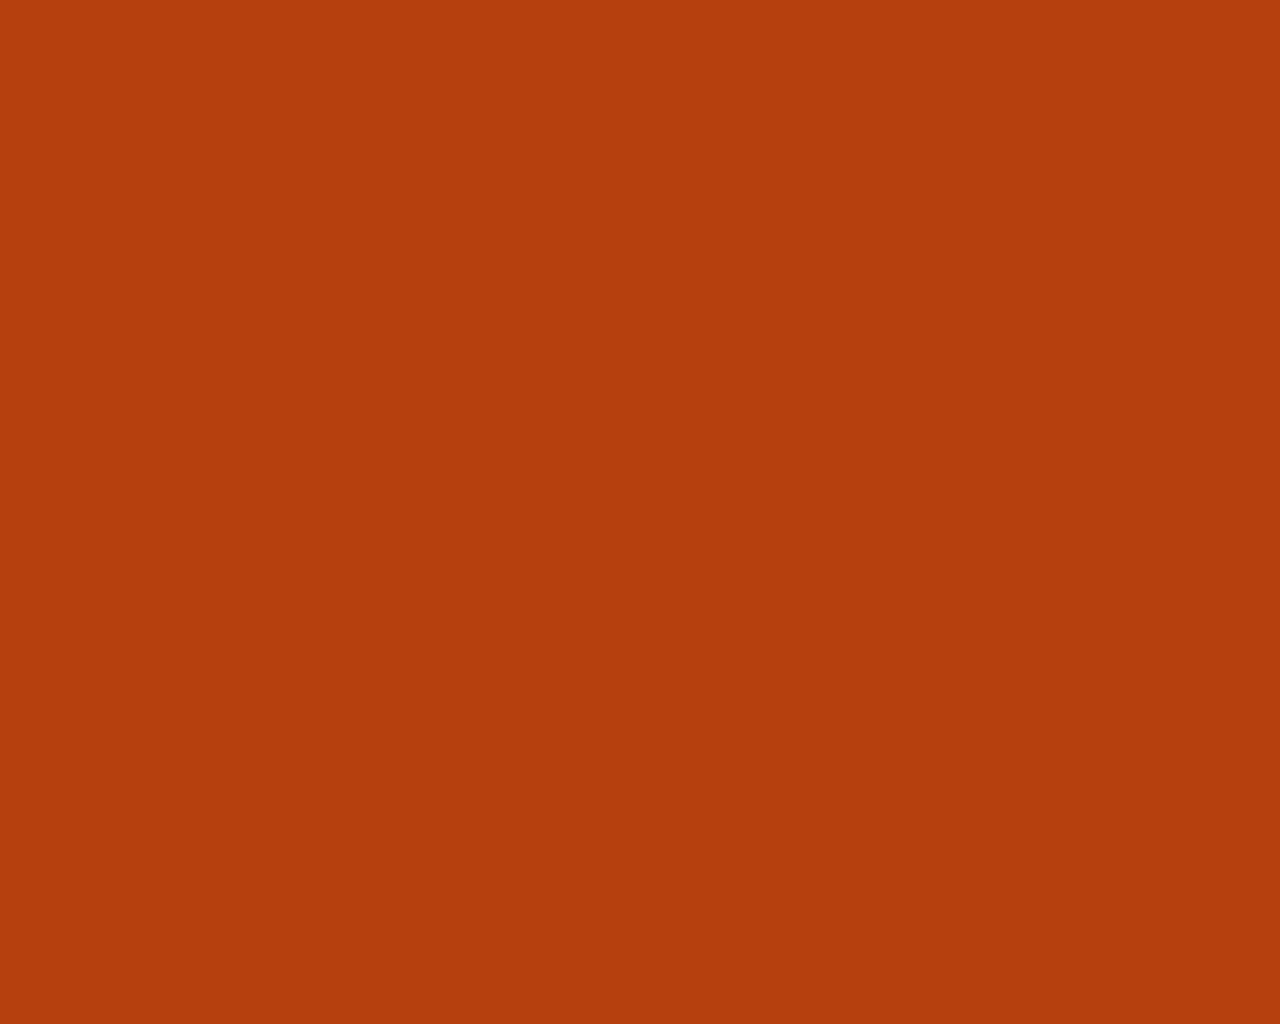 Rust Color 28 Images A55d35 Hex Color Rgb 165 93 53